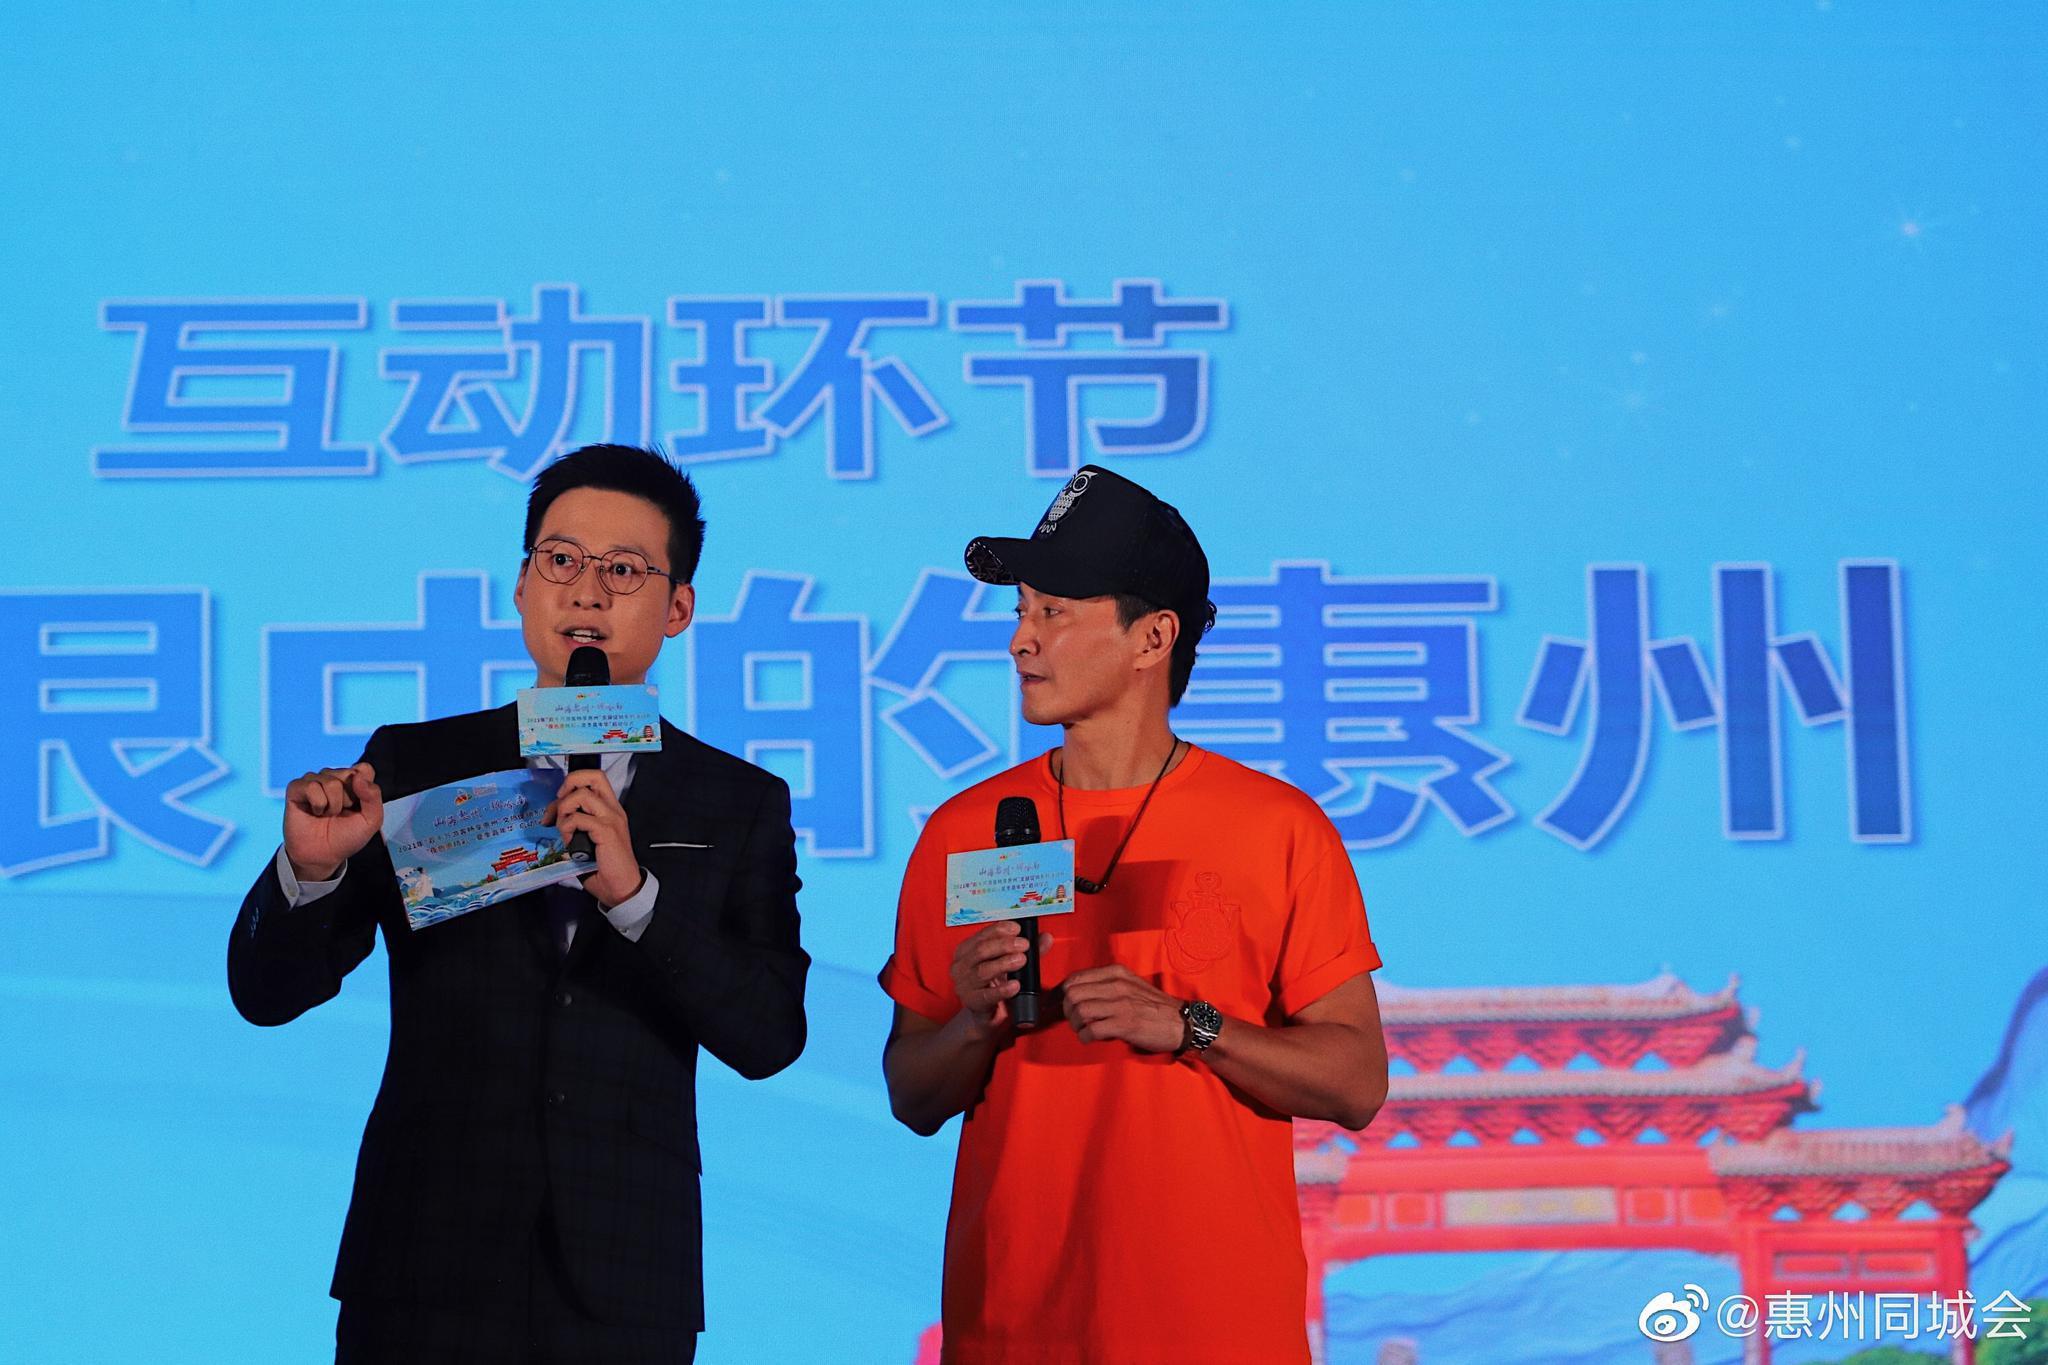 超燃!惠州这场文旅促销系列活动暨启动仪式在合江楼上演